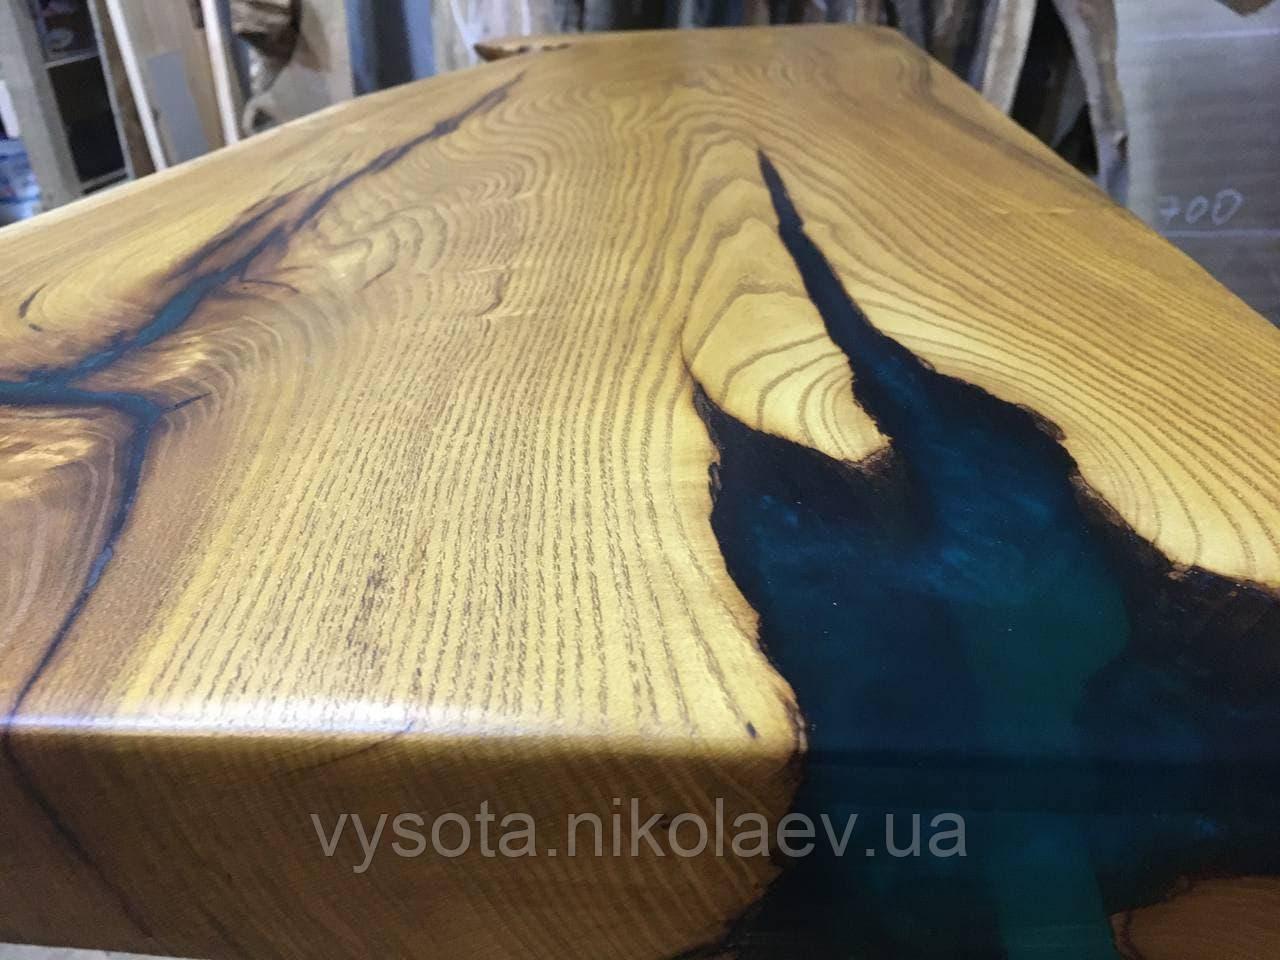 Столешница из дерева Шелковицы с эпоксидной смолой